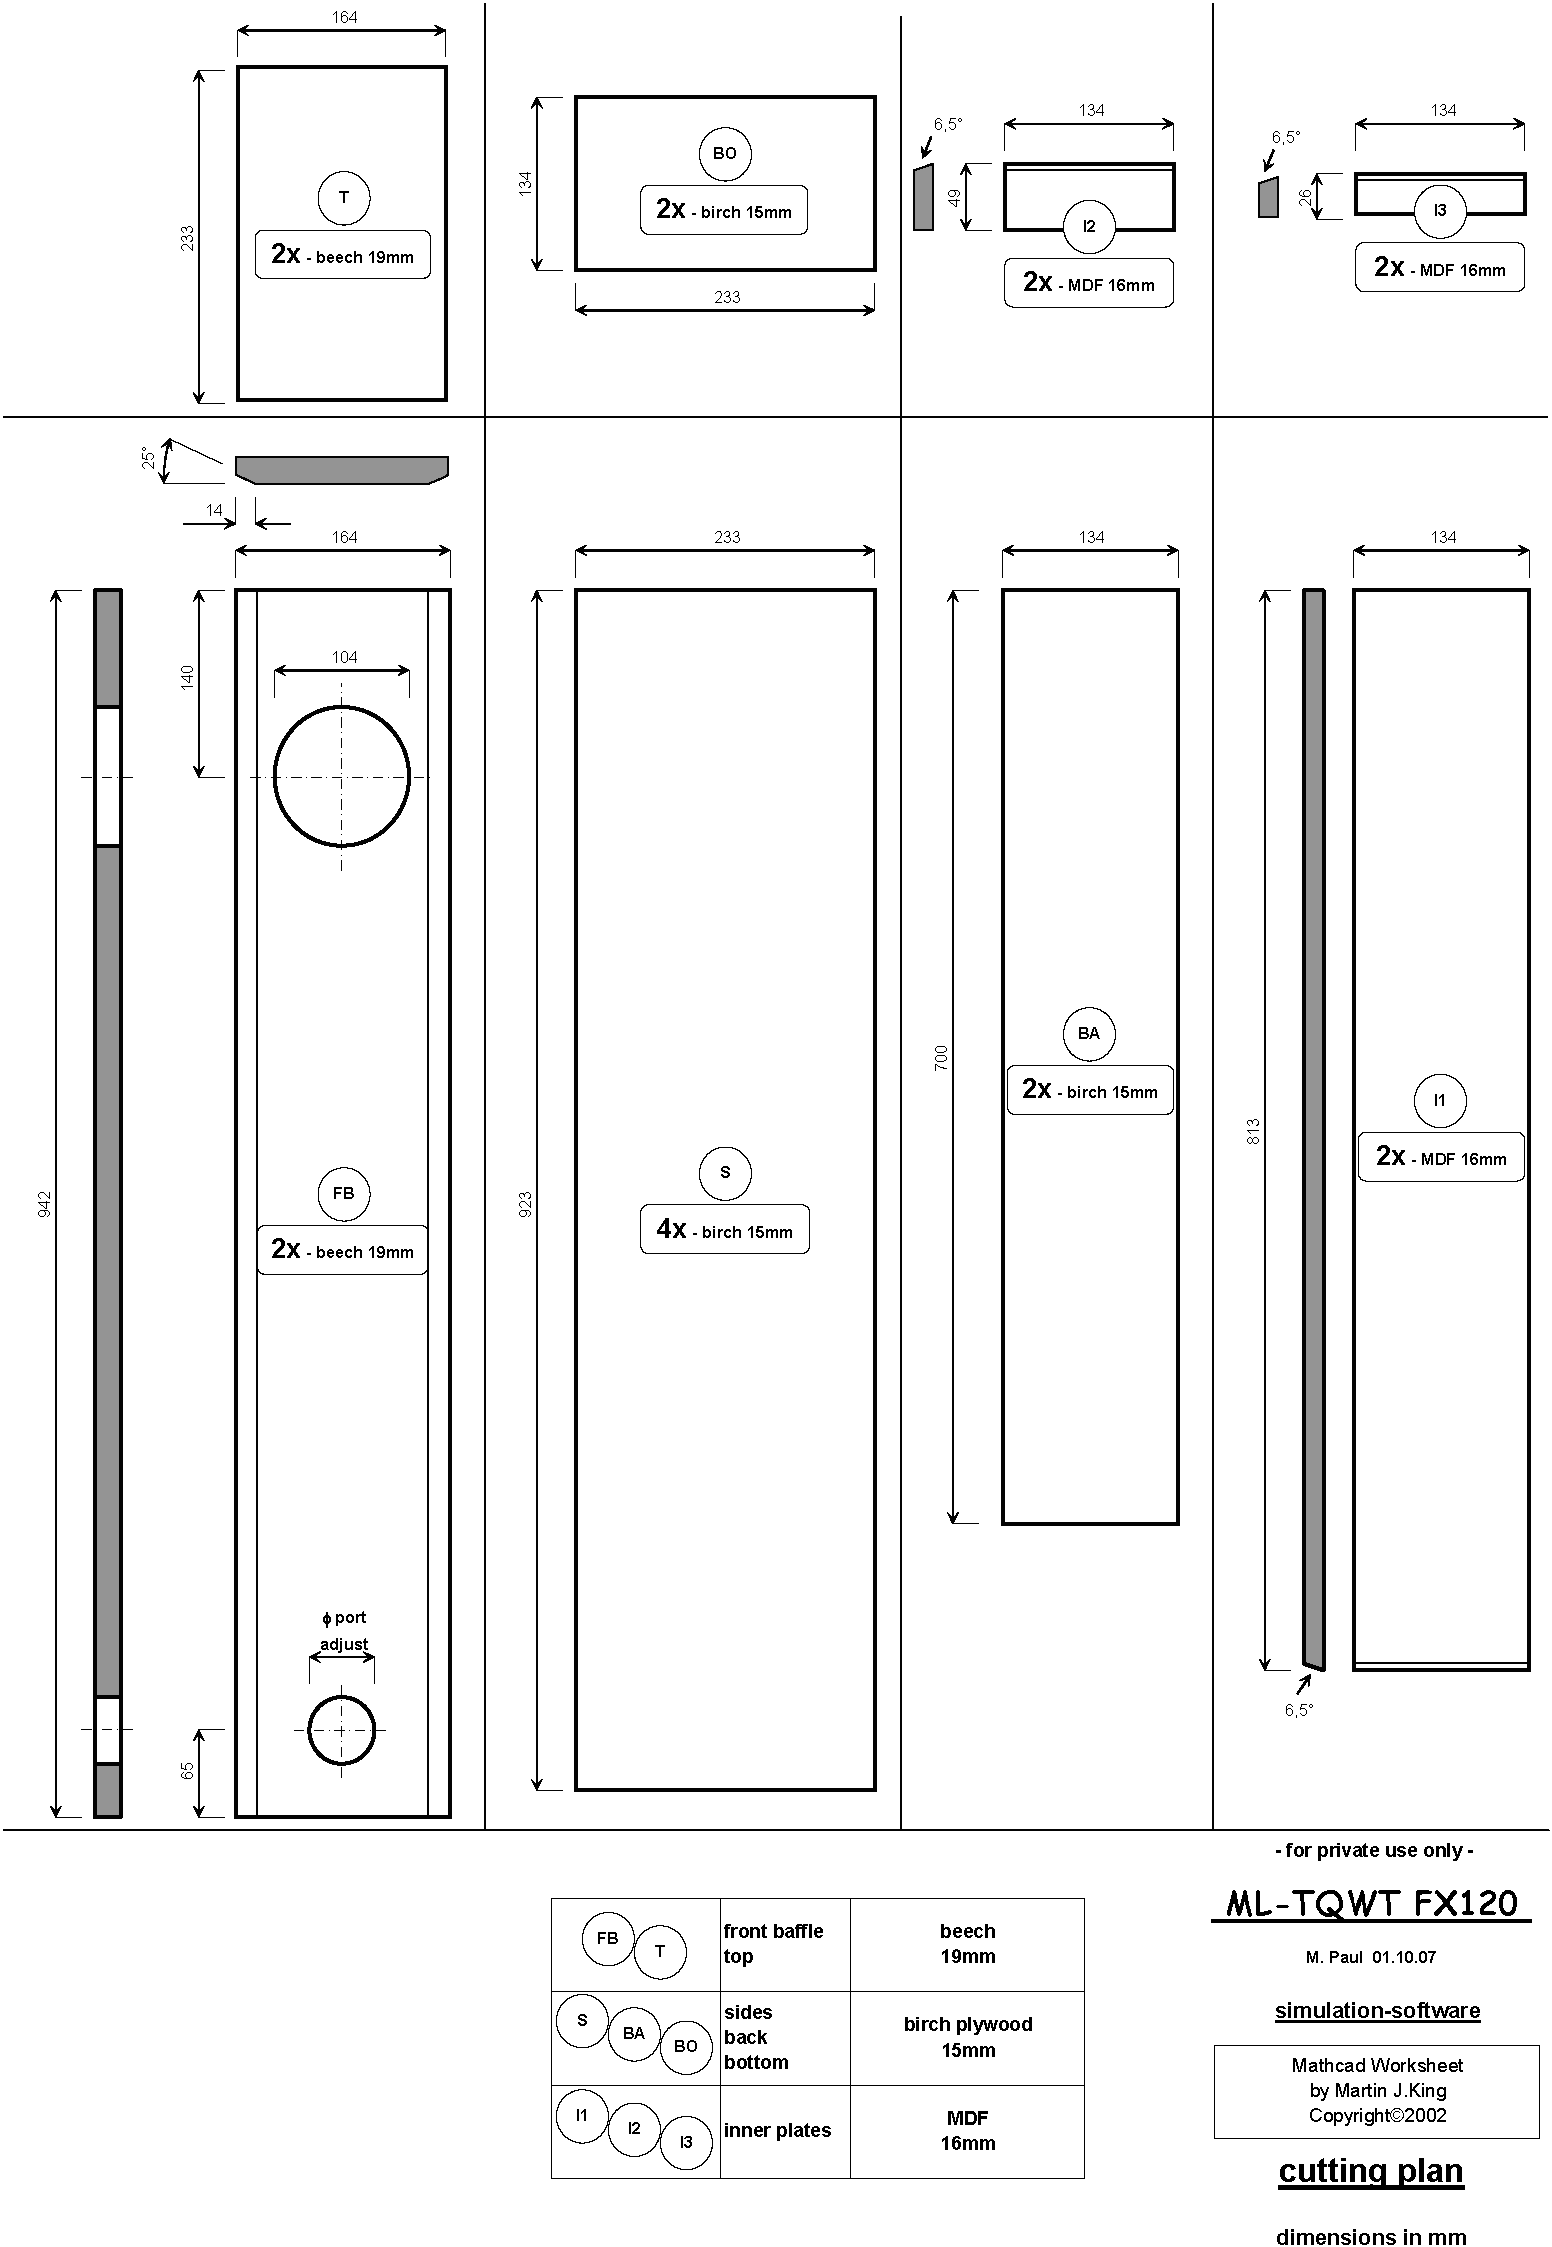 Fostex FX120 ML-TQWT (transmission line) Cutting Plan